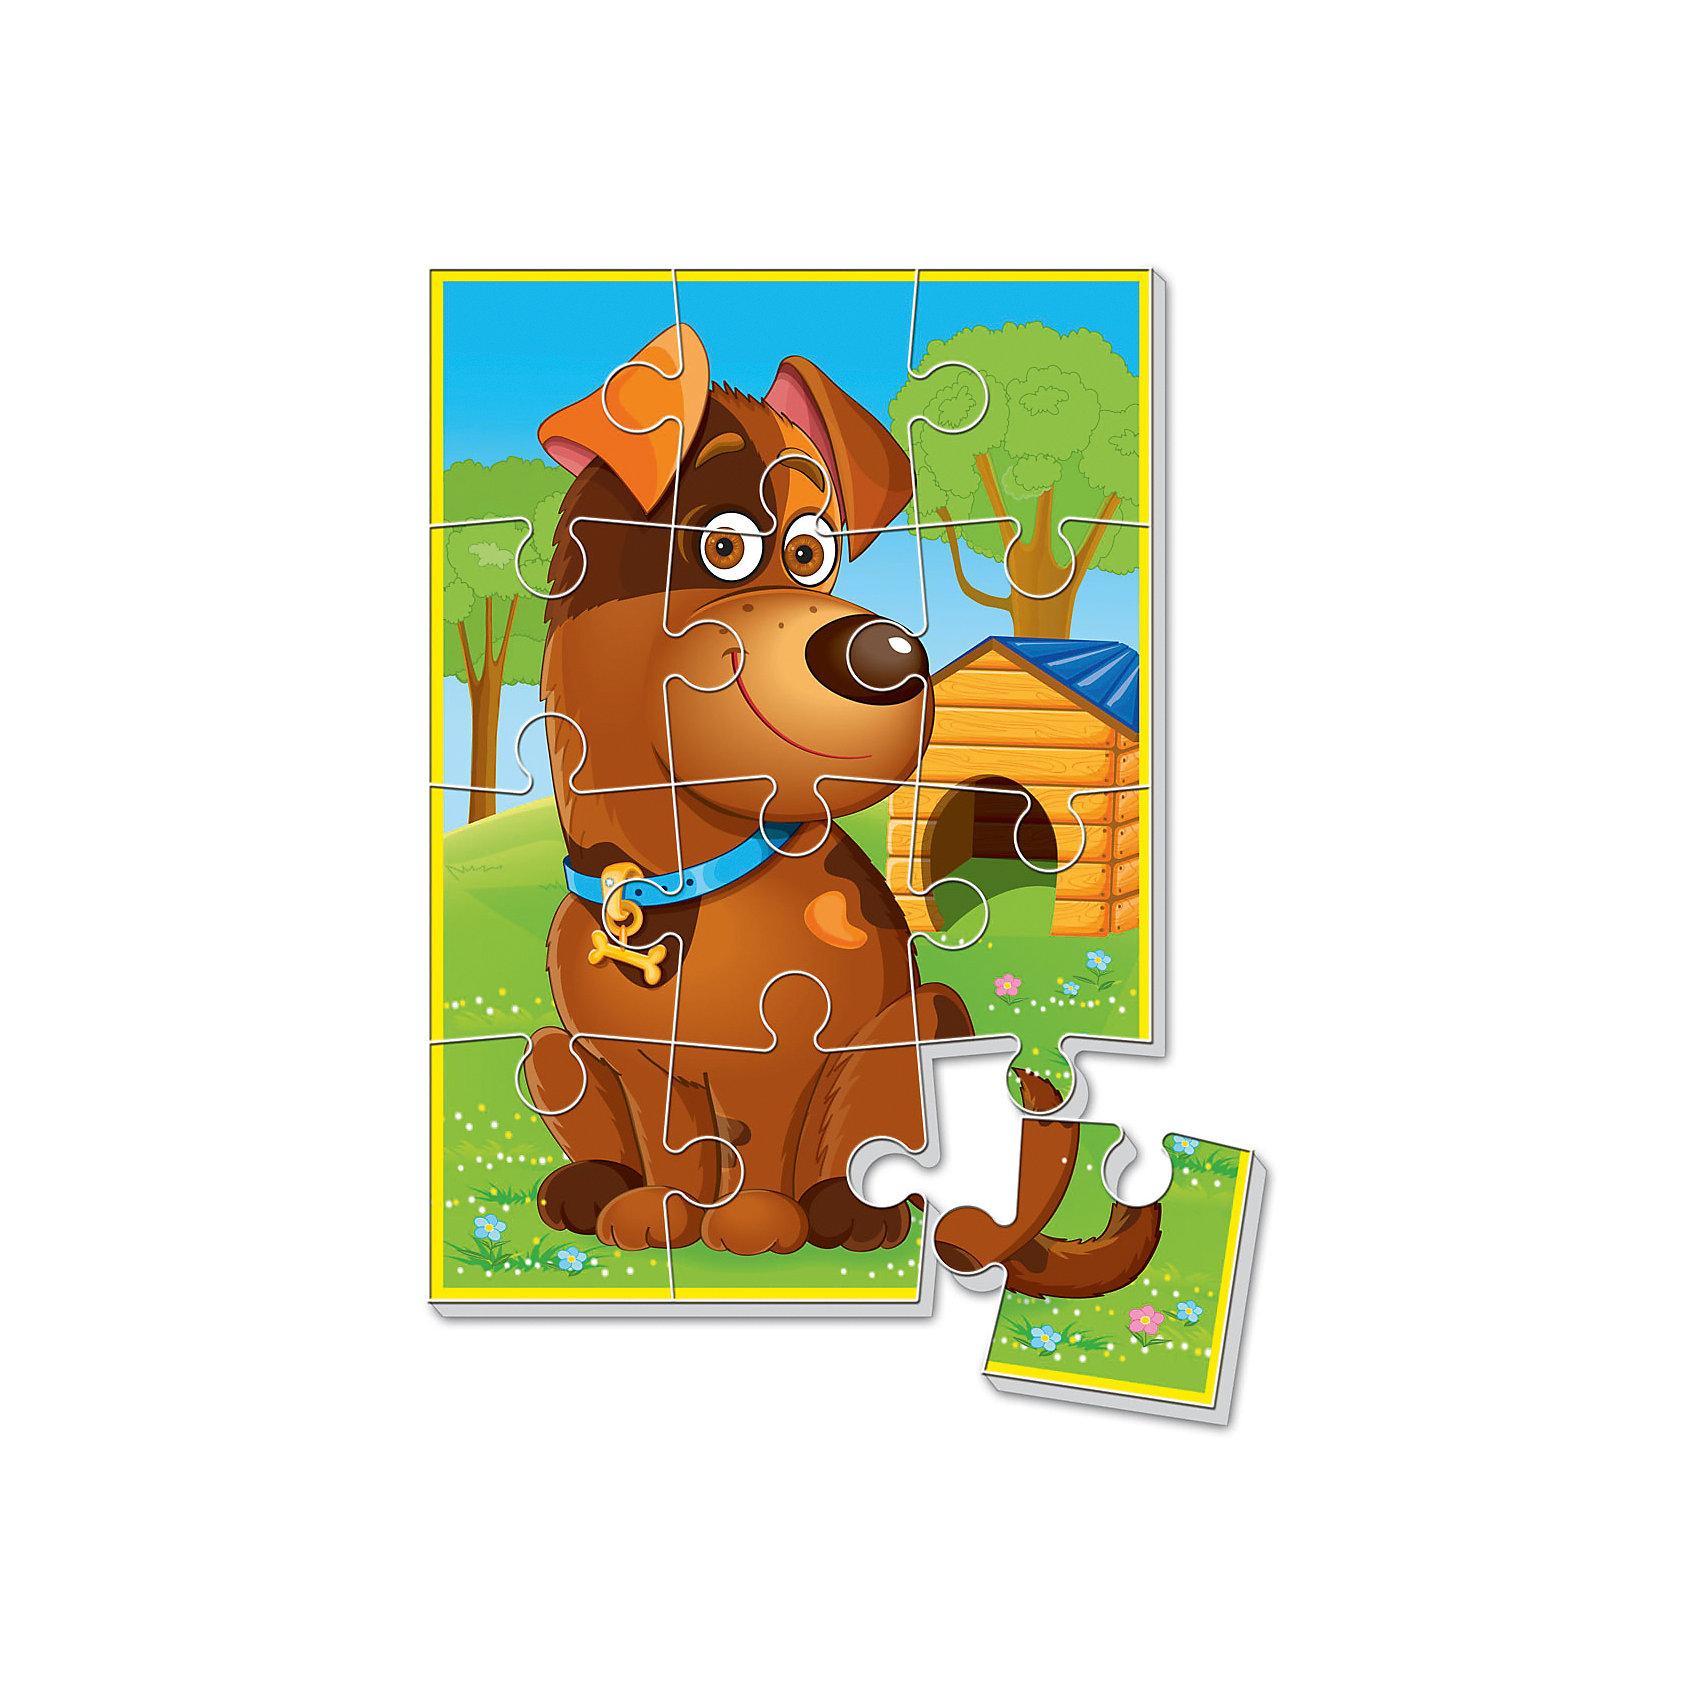 Мягкие пазлы  А5 Собачка, Vladi ToysХарактеристики:<br><br>• Вид игр: развивающие<br>• Серия: пазлы-картинки<br>• Пол: универсальный<br>• Материал: полимер, картон<br>• Цвет: оранжевый, голубой, зеленый, коричневый и др.<br>• Комплектация: 1 пазл из 12-ти элементов<br>• Размеры (Д*Ш*В): 18*4*28,5 см<br>• Тип упаковки: картонная коробка<br>• Вес: 21 г<br><br>Мягкие пазлы А5 Собачка, Vladi Toys, производителем которых является компания, специализирующаяся на выпуске развивающих игр, давно уже стали популярными среди аналогичной продукции. Мягкие пазлы – идеальное решение для развивающих занятий с самыми маленькими детьми, так как они разделены на большие элементы с крупными изображениями, чаще всего в качестве картинок используются герои популярных мультсериалов. Самое важное в пазле для малышей – это минимум деталей и безопасность элементов. Все используемые в производстве материалы являются экологически безопасными, не вызывают аллергии, не имеют запаха. Пазл Собачка, Vladi Toys, представляет собой сюжетную картинку размером А5, которая состоит из 12-и крупных элементов с изображением собачки у будки. <br>Занятия с мягкими пазлами от Vladi Toys способствуют развитию не только мелкой моторики, но и внимательности, усидчивости, терпению при достижении цели. Кроме того, по собранной картинке можно составлять рассказ, что позволит развивать речевые навыки, память и воображение.<br><br>Мягкие пазлы А5 Собачка, Vladi Toys, можно купить в нашем интернет-магазине.<br><br>Ширина мм: 180<br>Глубина мм: 4<br>Высота мм: 285<br>Вес г: 21<br>Возраст от месяцев: 24<br>Возраст до месяцев: 60<br>Пол: Унисекс<br>Возраст: Детский<br>SKU: 5136079